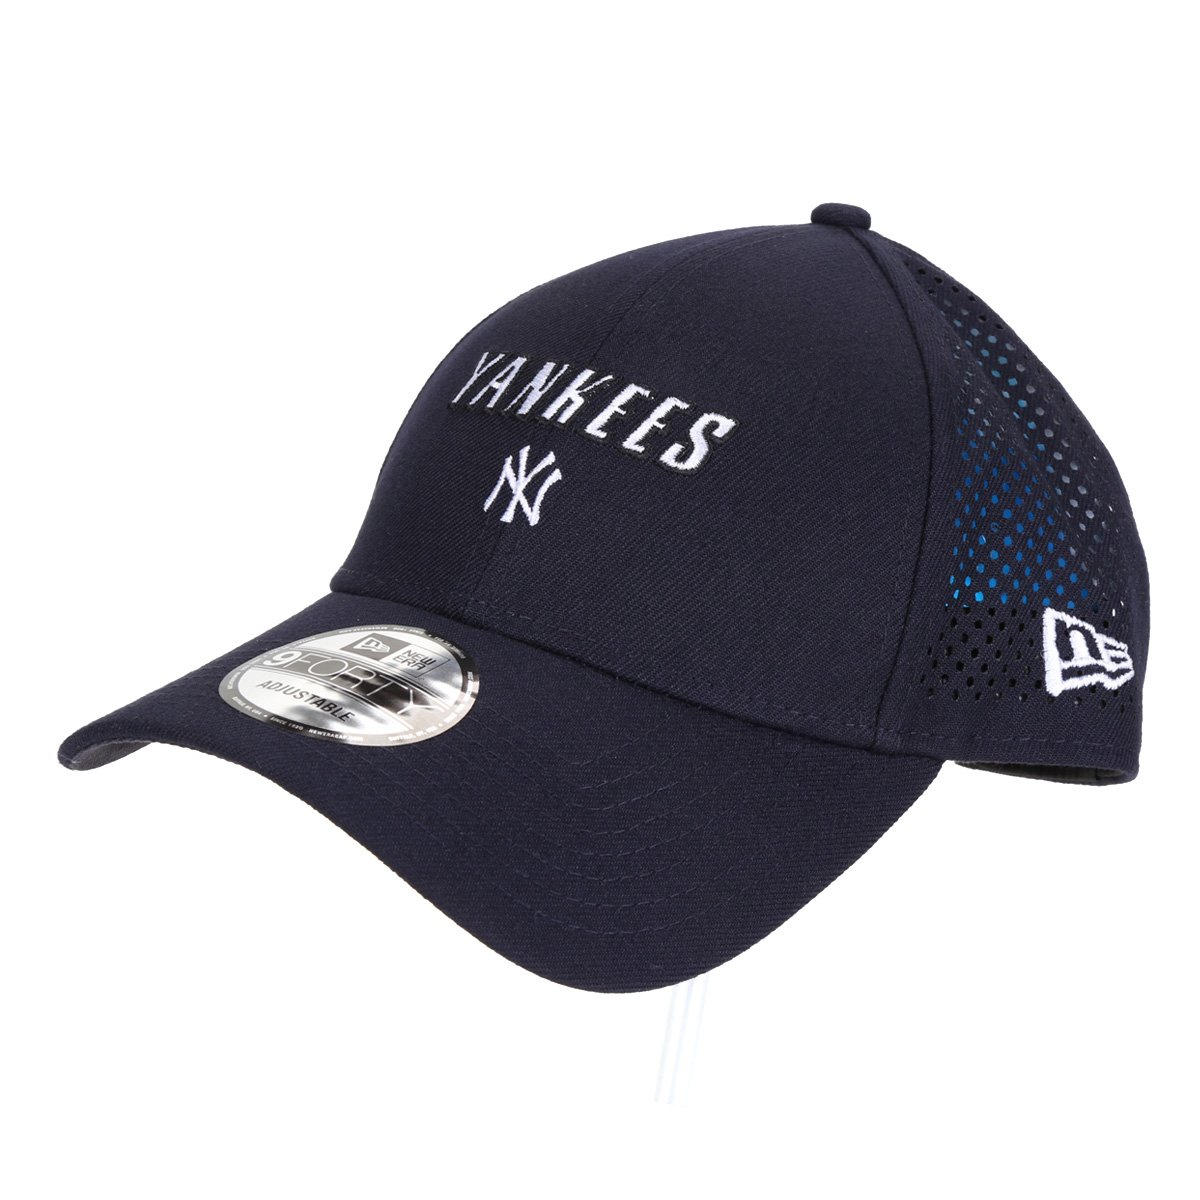 Boné New Era New York Yankees Aba Curva Snapback 940 Sport Neycut